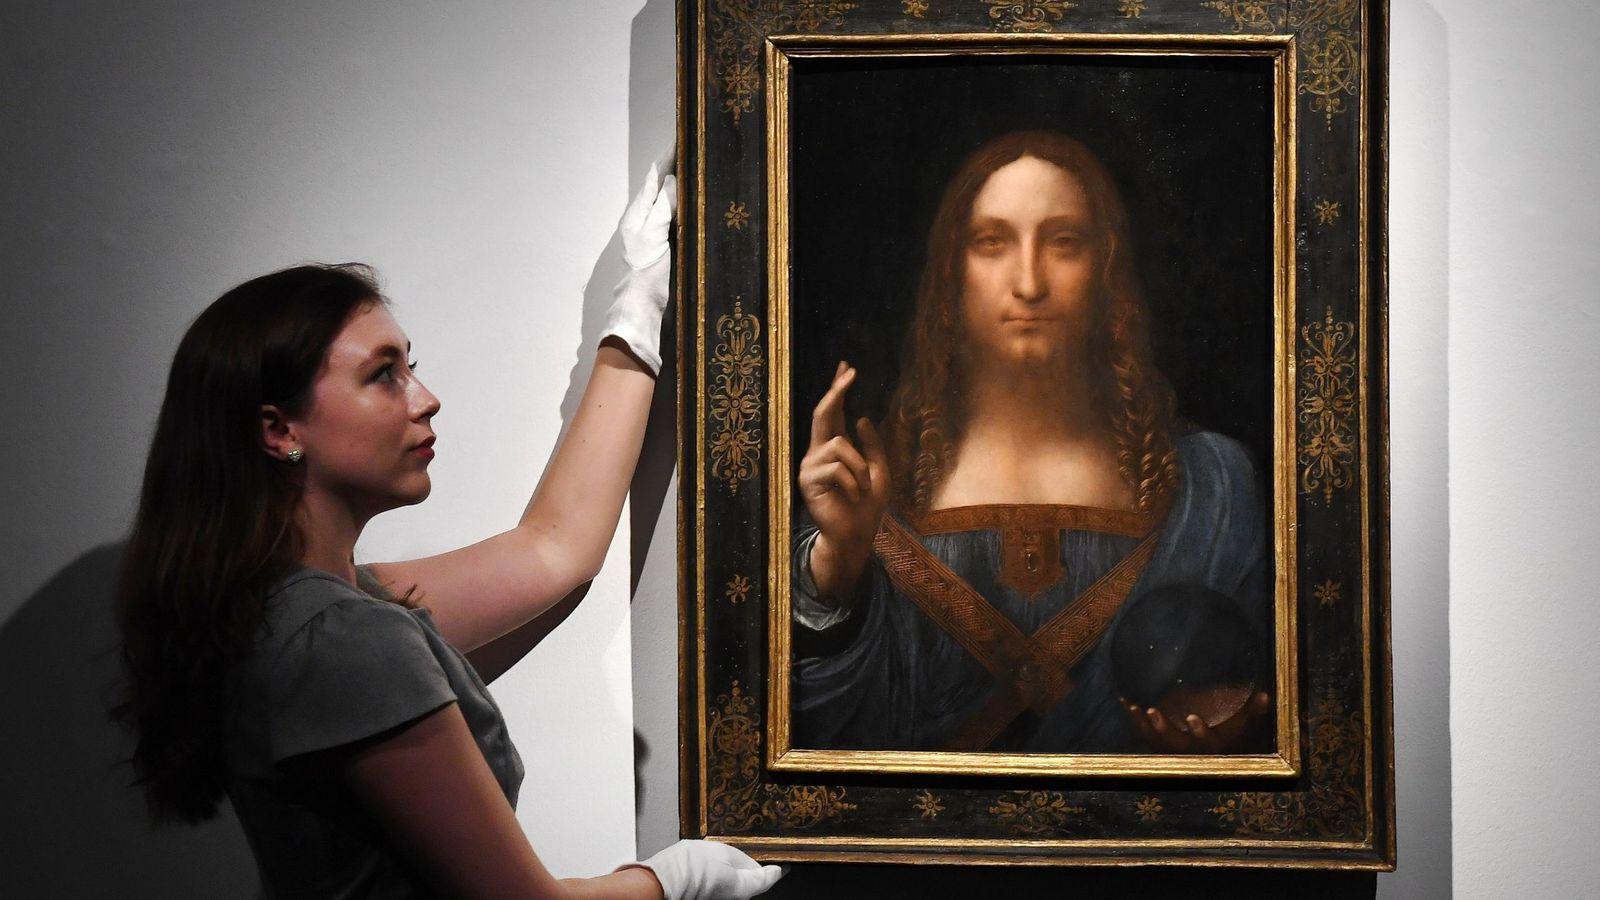 El verdadero rostro del 'Salvator Mundi' de Da Vinci que pone en duda su  autenticidad